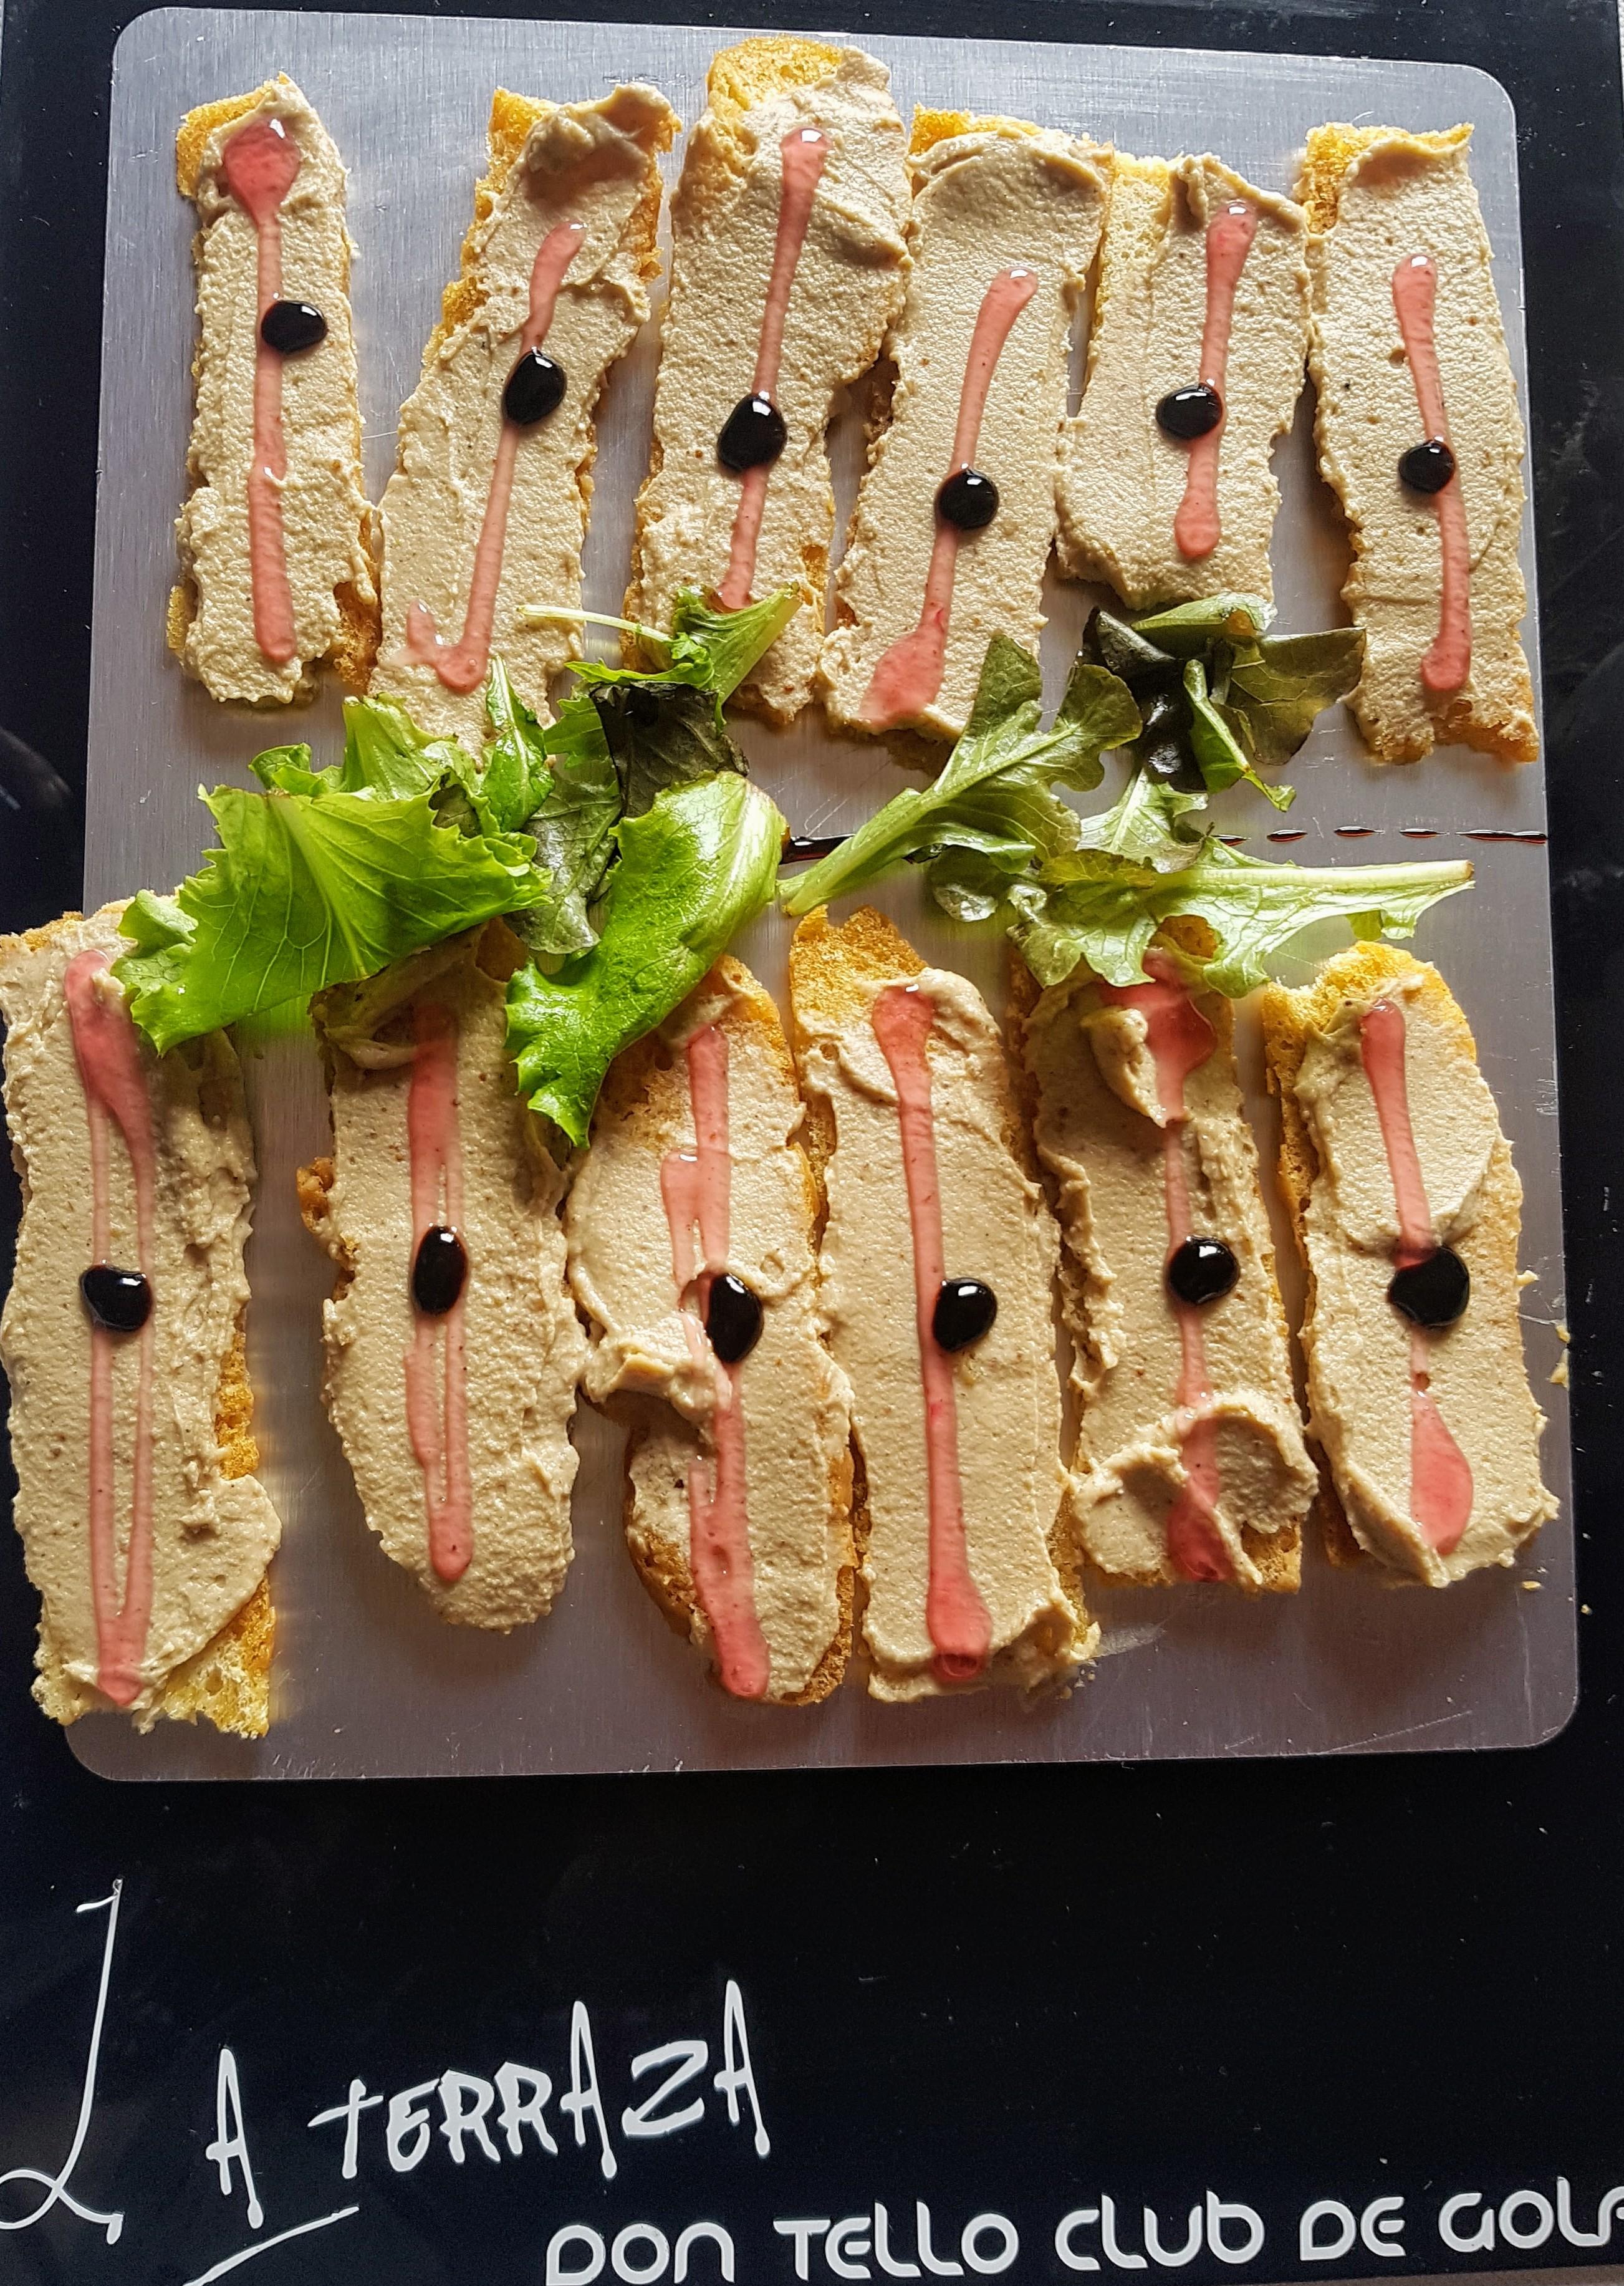 Creatividad y producto autóctono en la cocina de Don Tello